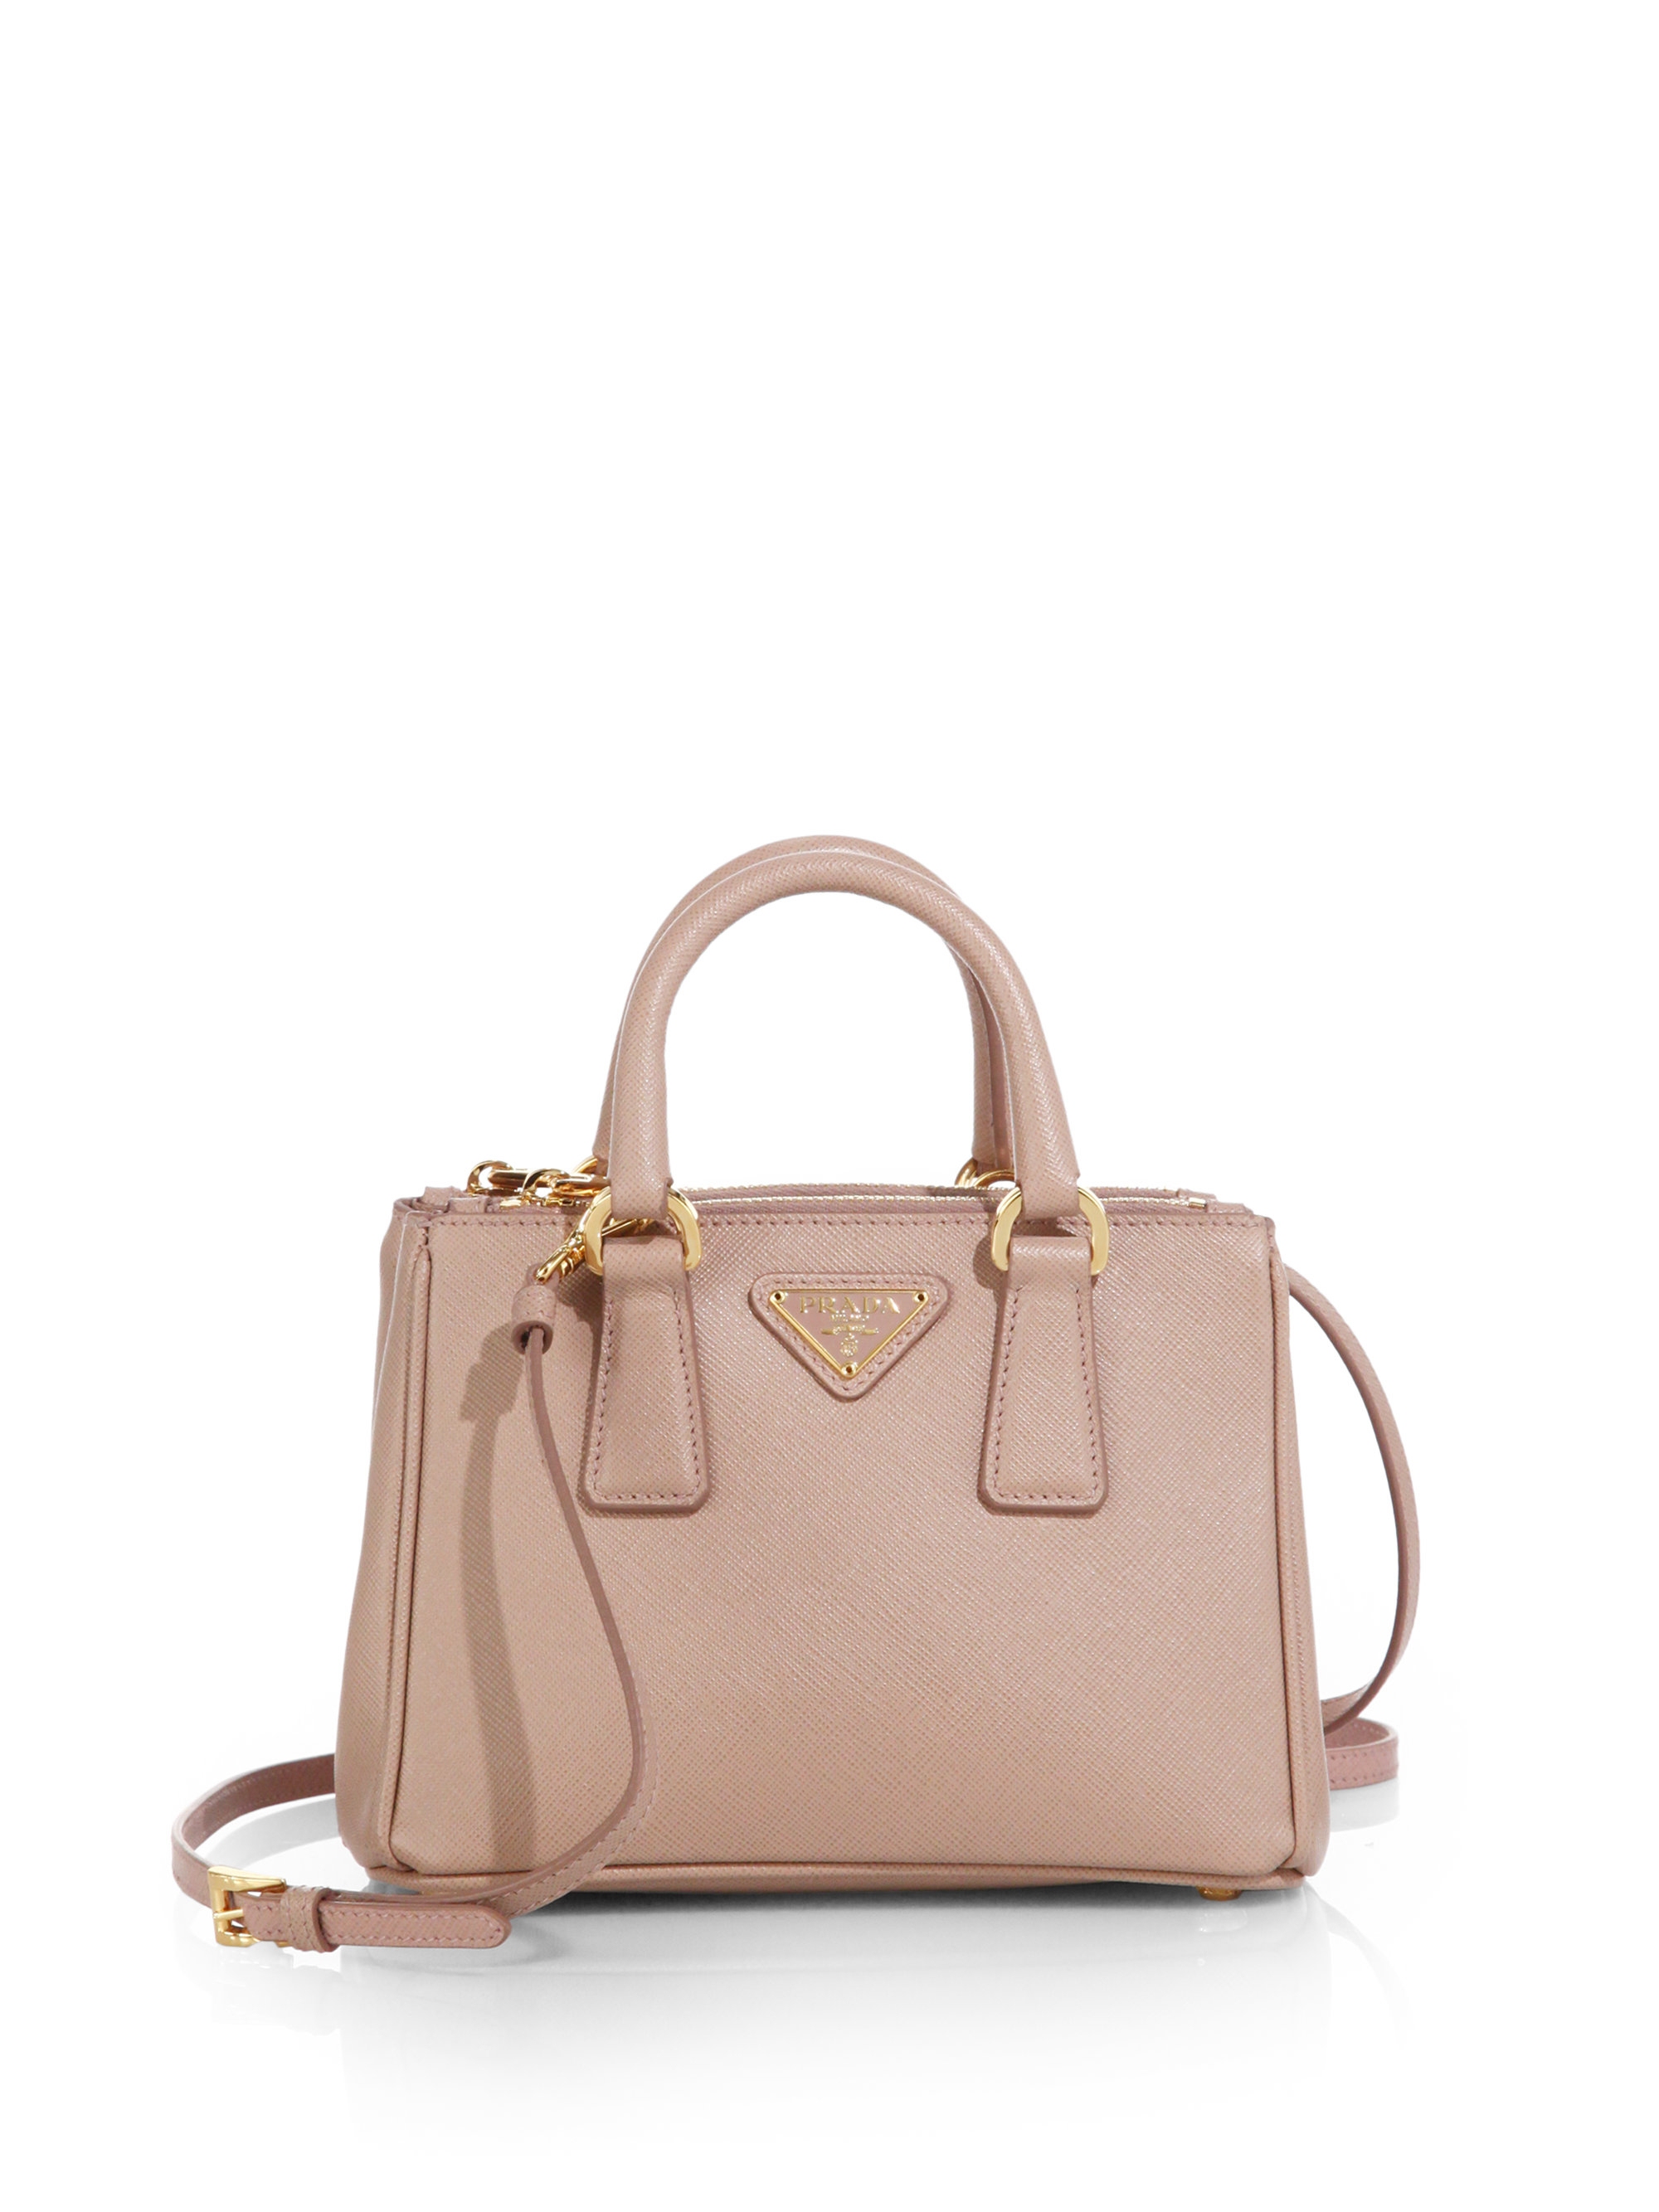 prada saffiano satchel bag